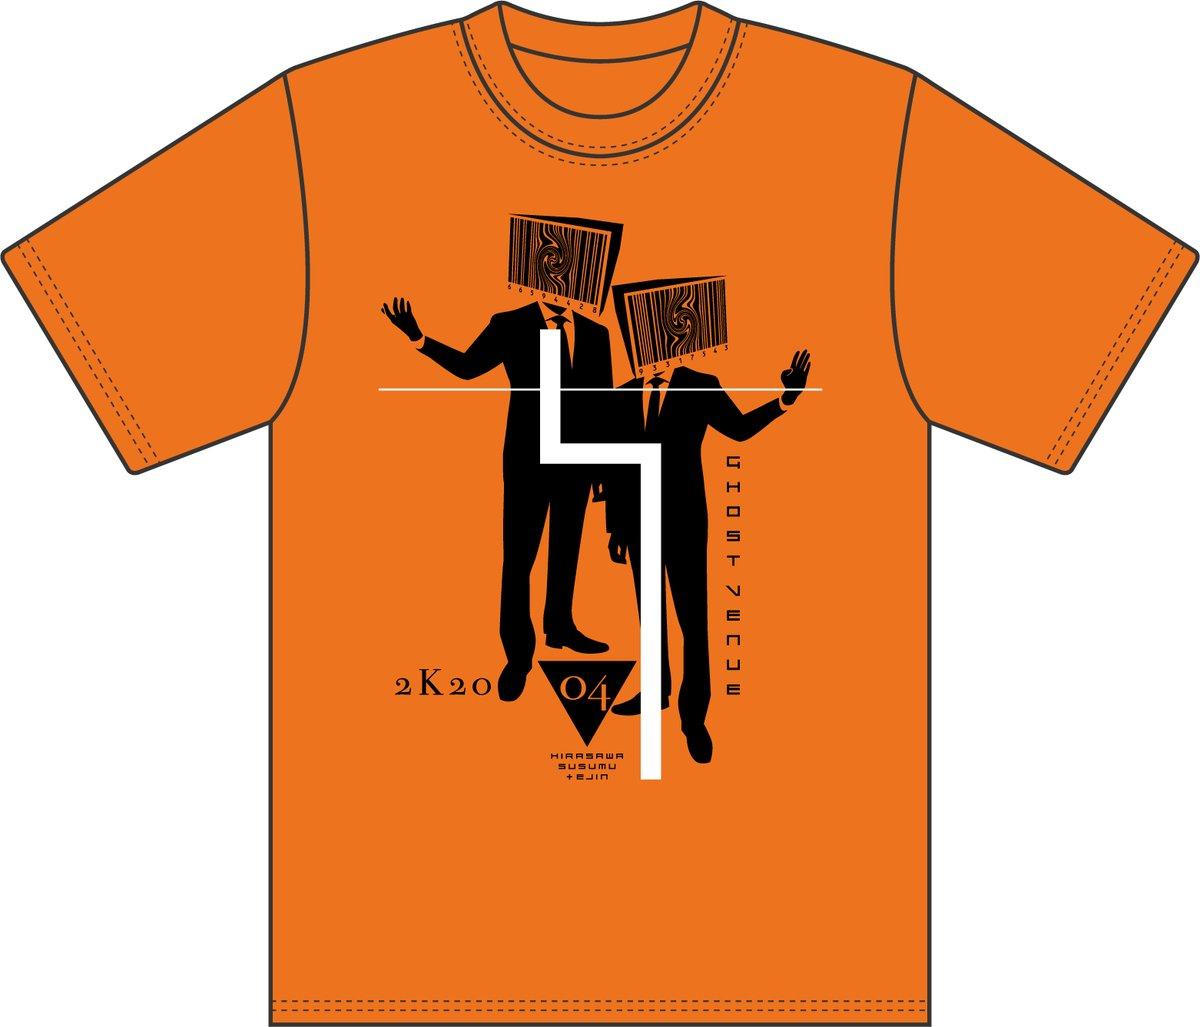 新作Tシャツ&メモリアル・パッケージカードデザインです。グッズの配送は8月18日以降となります。何卒、宜しくお願い致します。